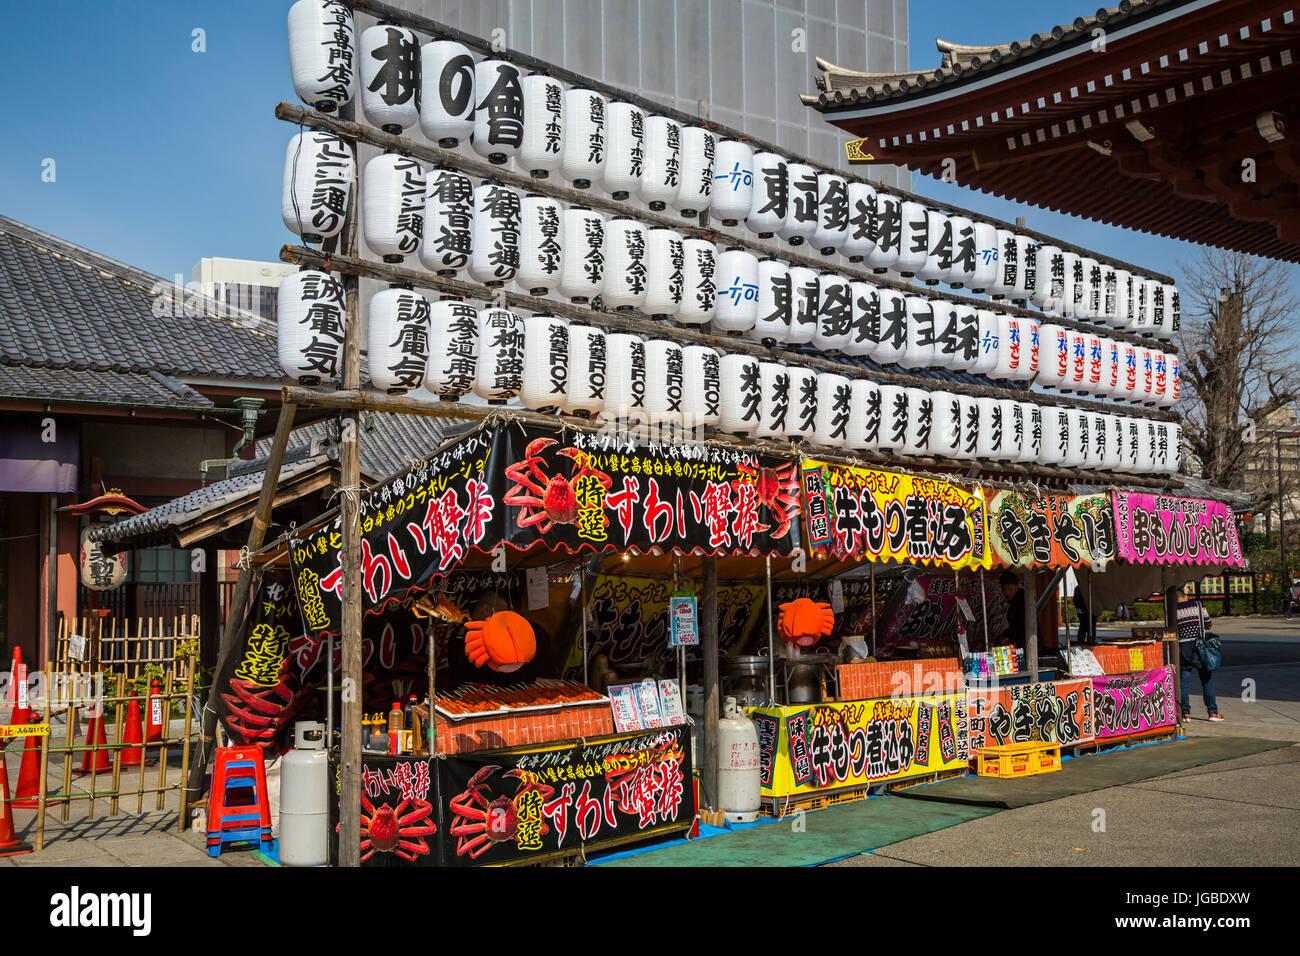 An outdoor food kiosk in Asakusa, Tokyo, Japan. - Stock Image